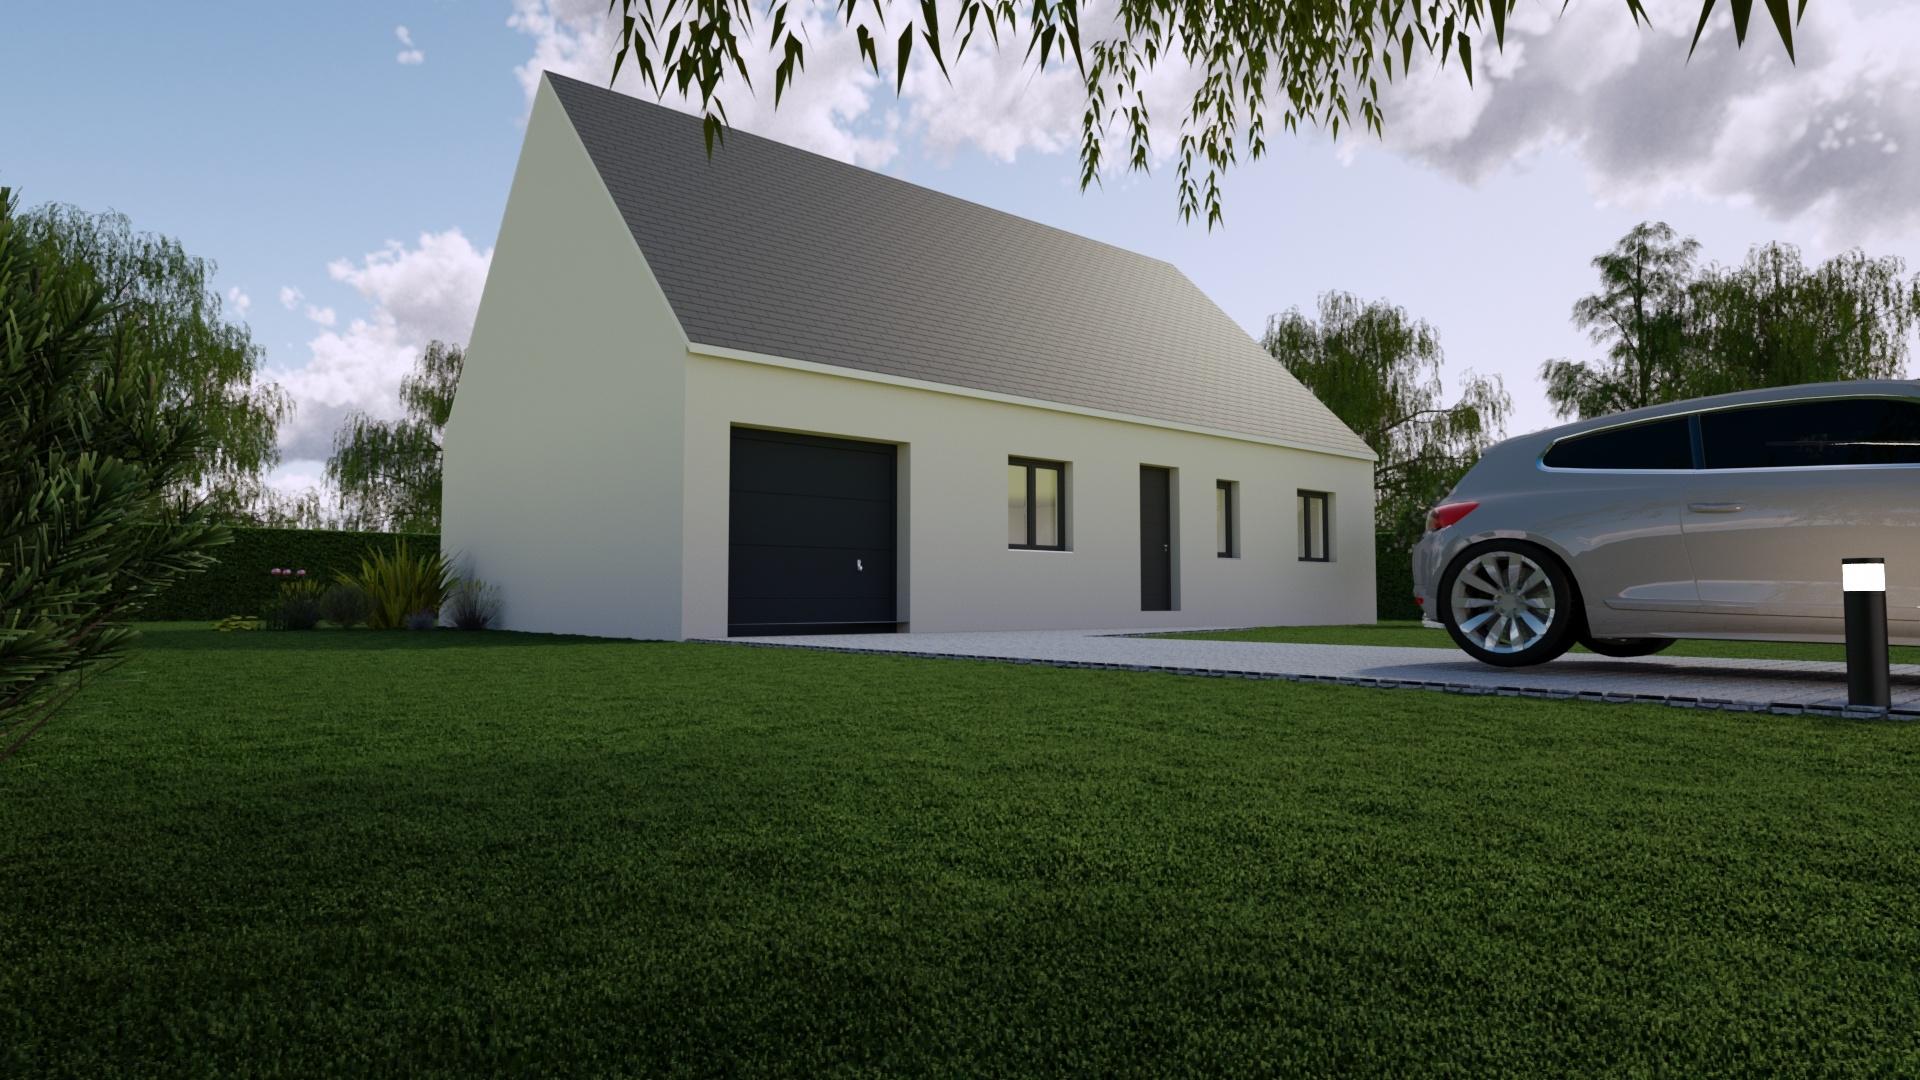 Maisons + Terrains du constructeur Mon Courtier Maison • 90 m² • NOZAY